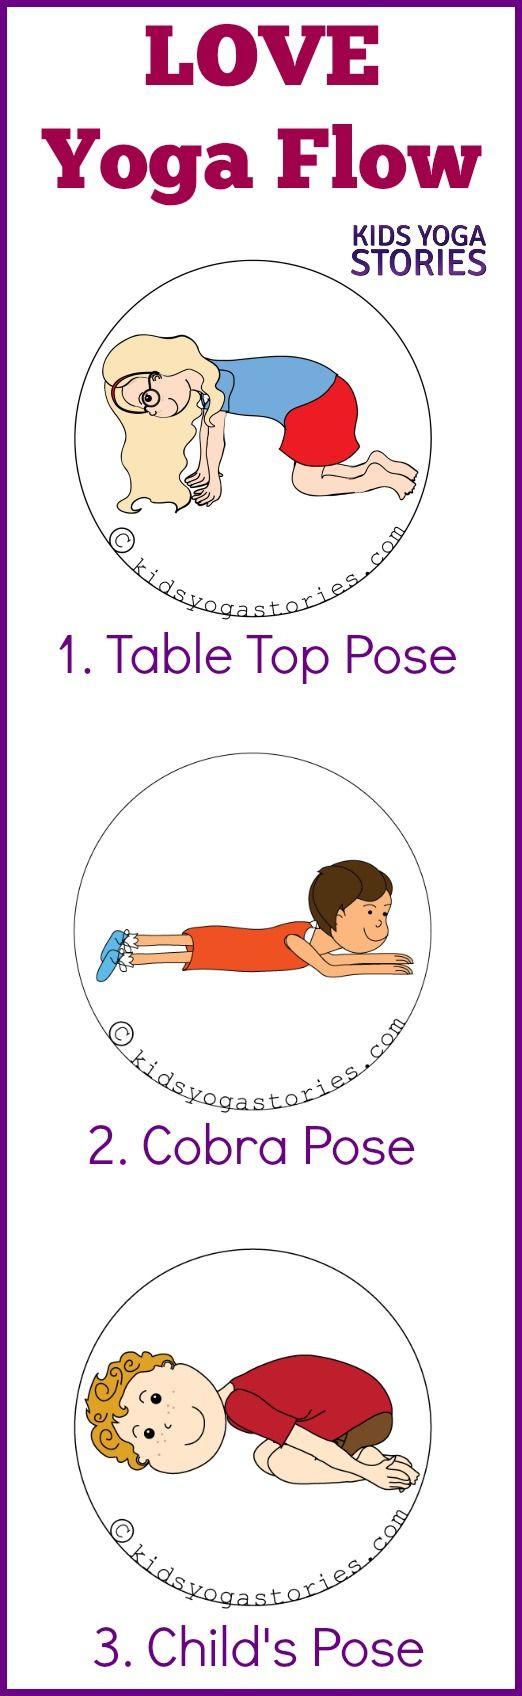 Three yoga poses to create a